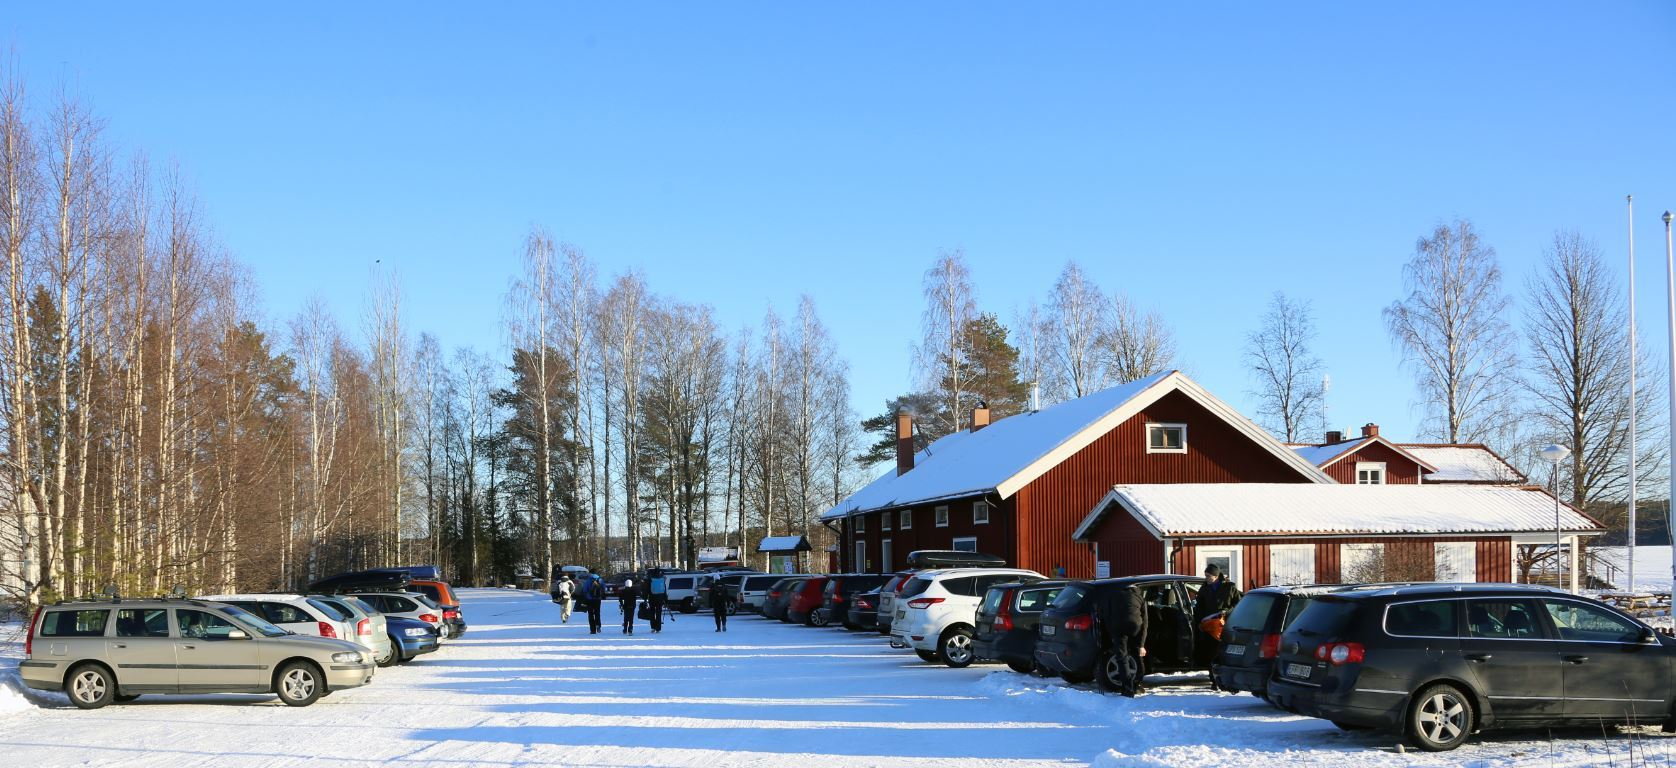 Mårten Edberg, Sundlingska Gården winter café